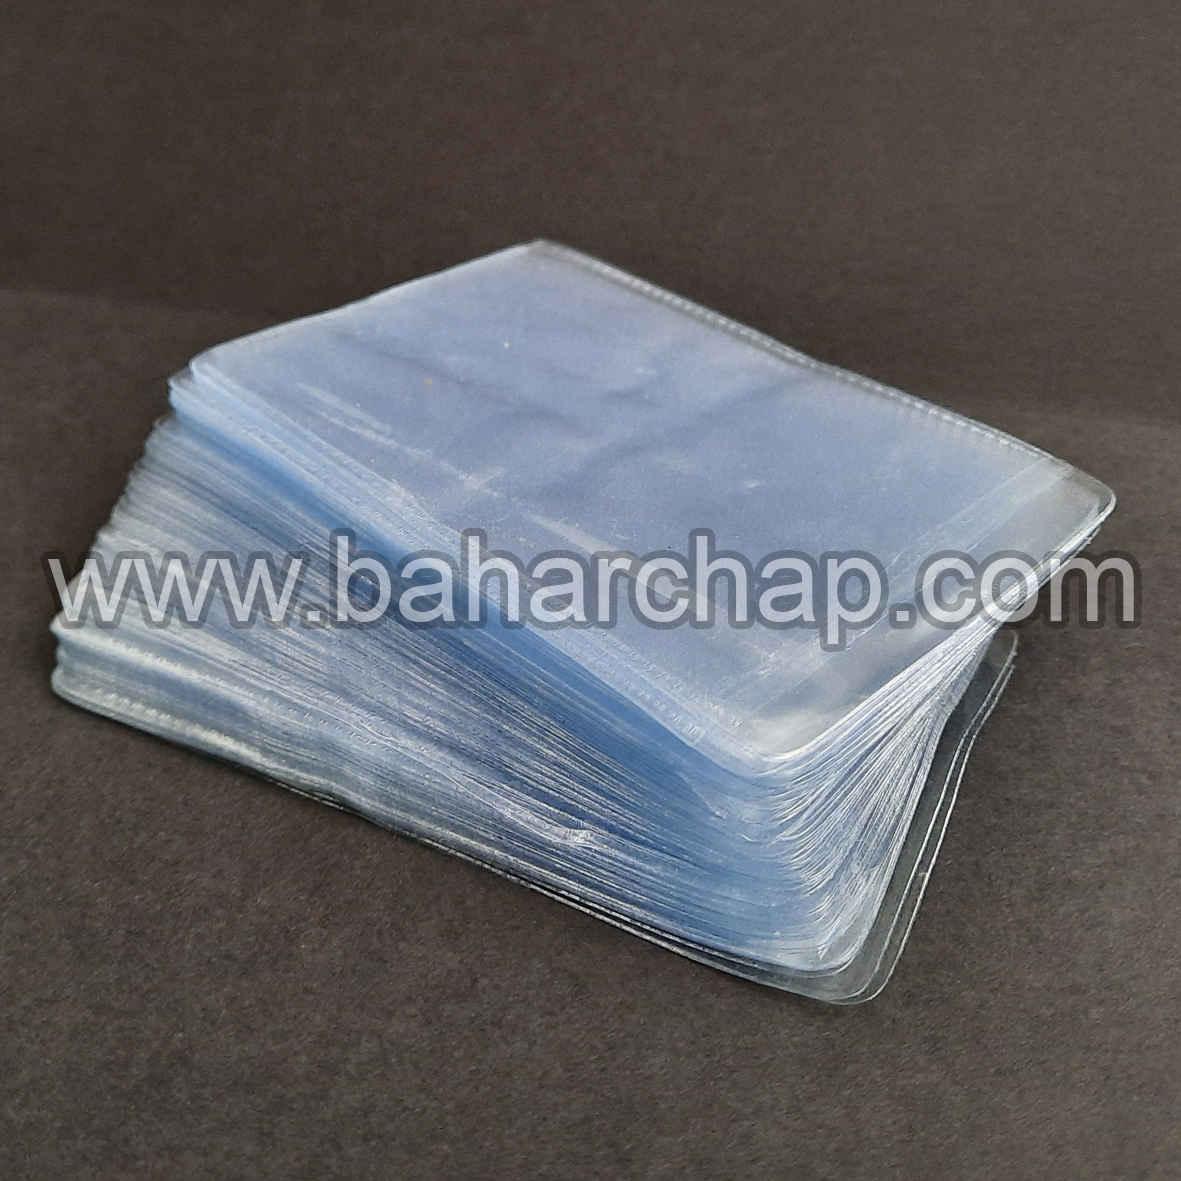 فروشگاه و خدمات اینترنتی بهارچاپ اصفهان-کاور کارت PVC سایز 5.5*8.5-pvc cards cover sheet 8.5*5.5